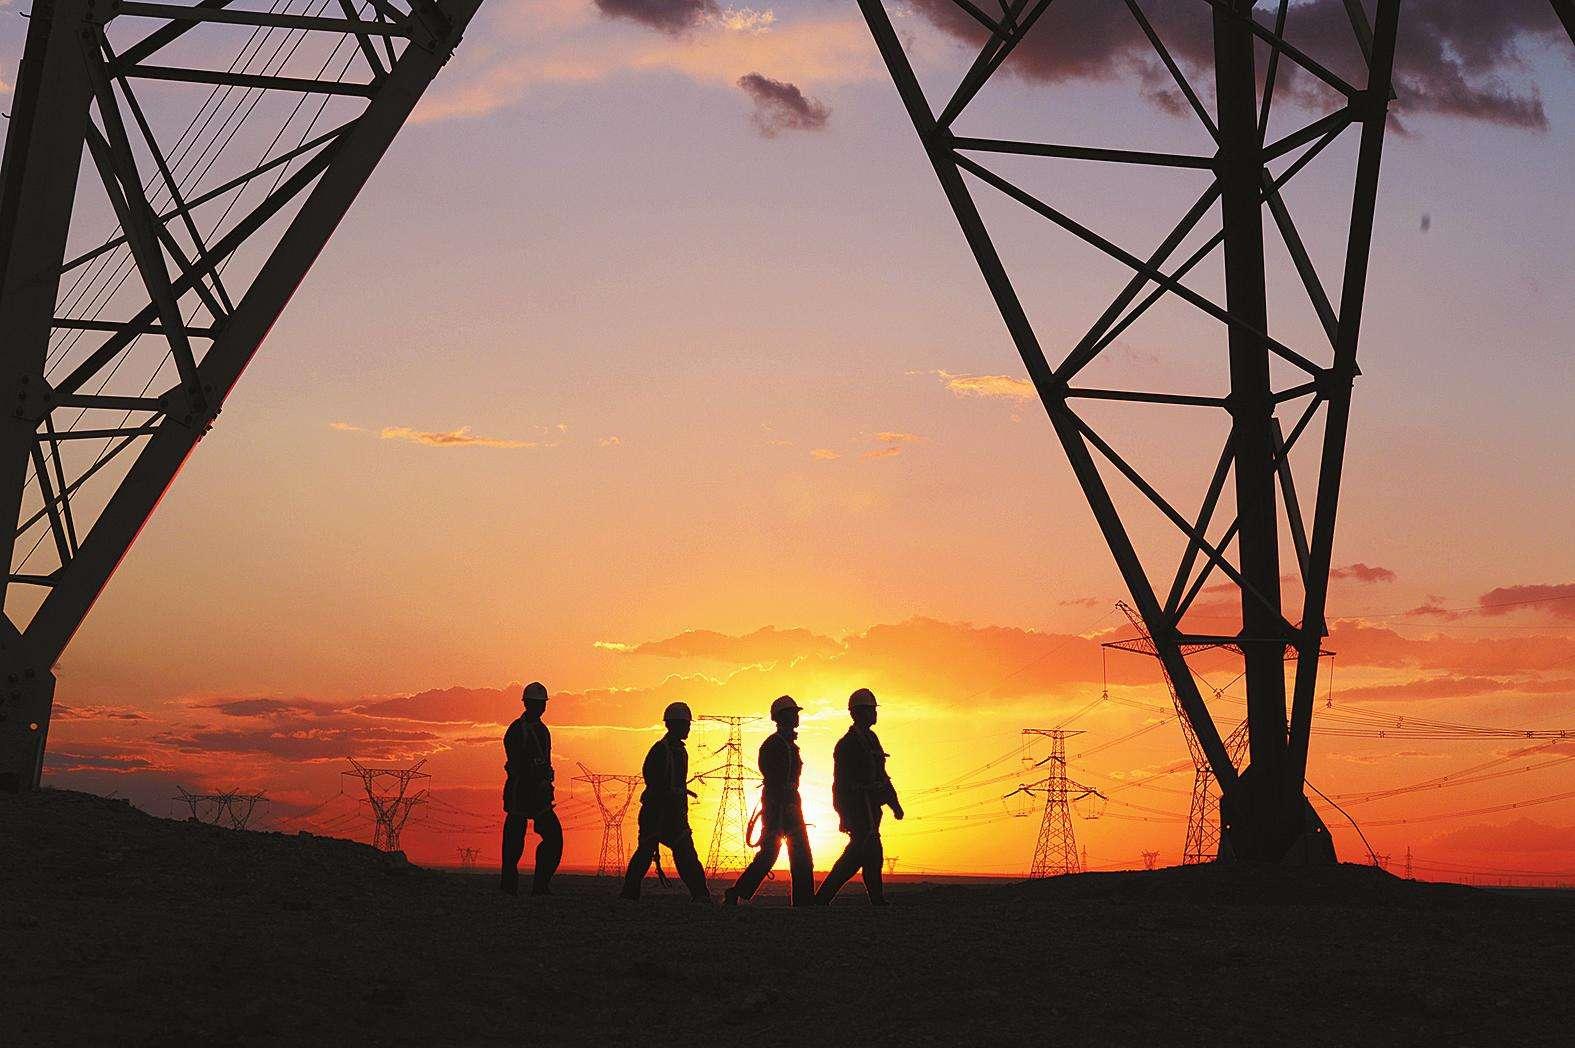 国网青岛供电向市民宣传电力设施保护及安全用电常识